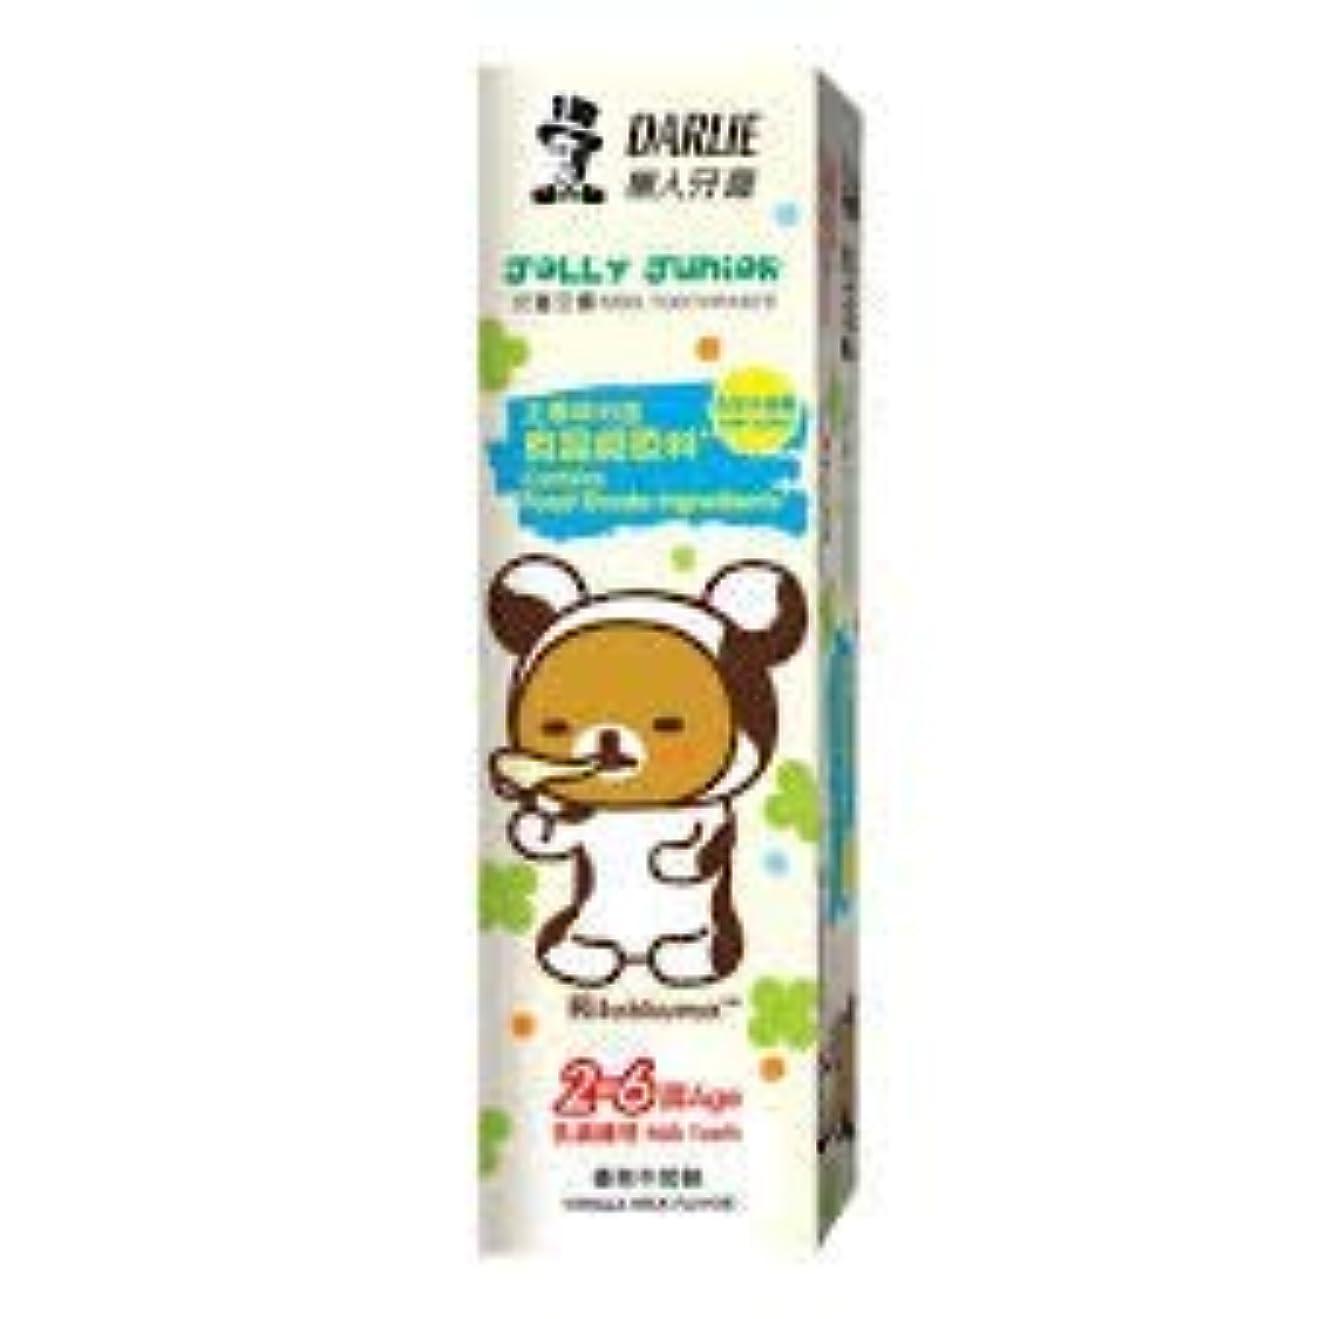 風刺ゴミ箱石のDARLIE ハッピーティーンエイジャーの歯磨き粉2-6歳歯磨き粉60グラムバニラミルクは - 虫歯を防ぐためにキシリトールを含む、ミルクの歯と準備して子供たちに仕出し料理されます